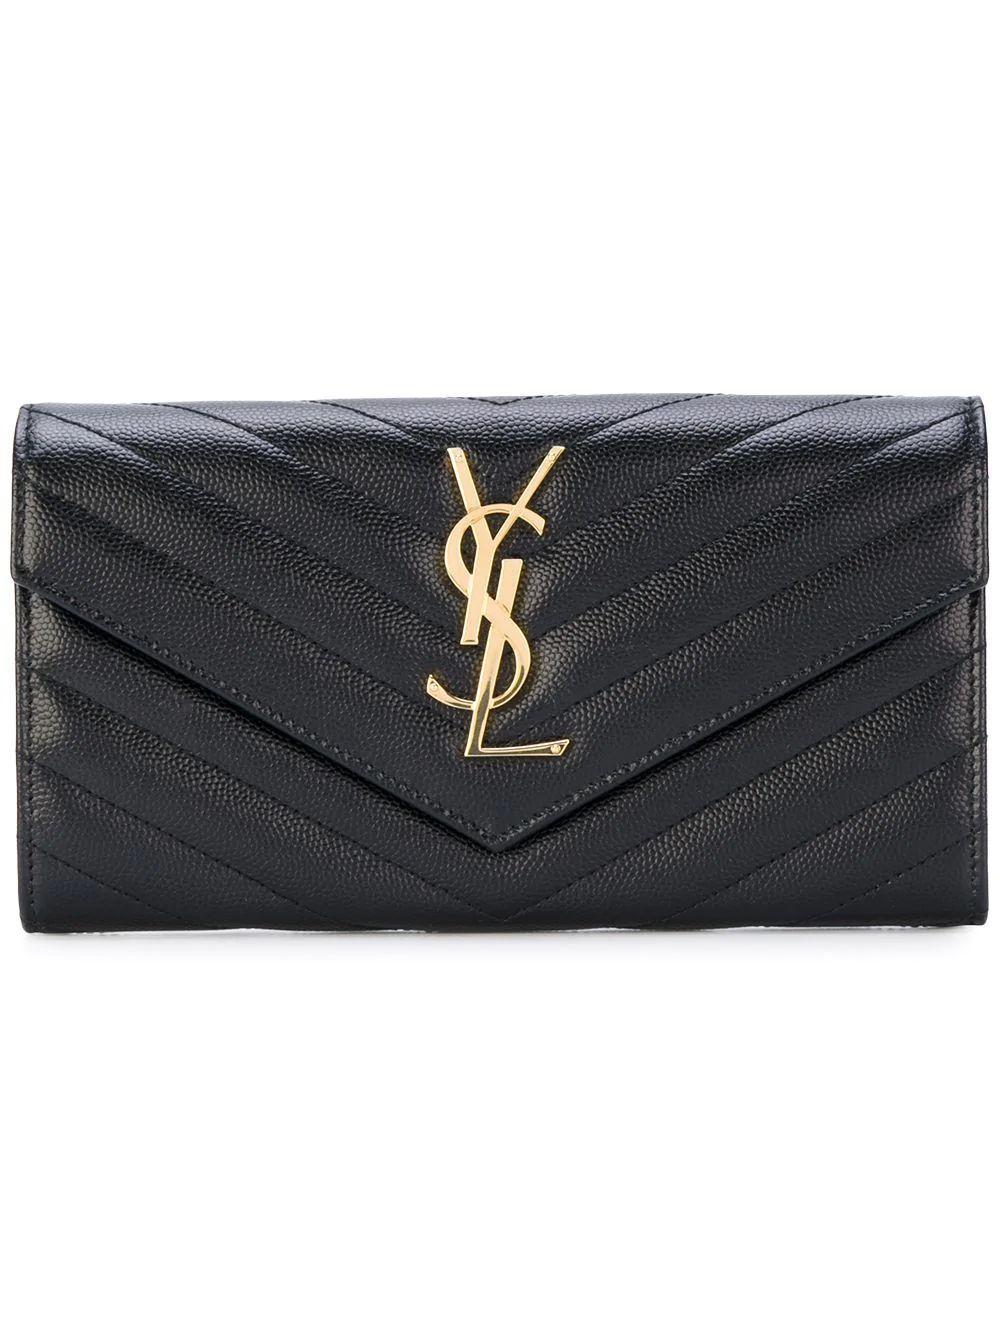 Large Monogram Wallet